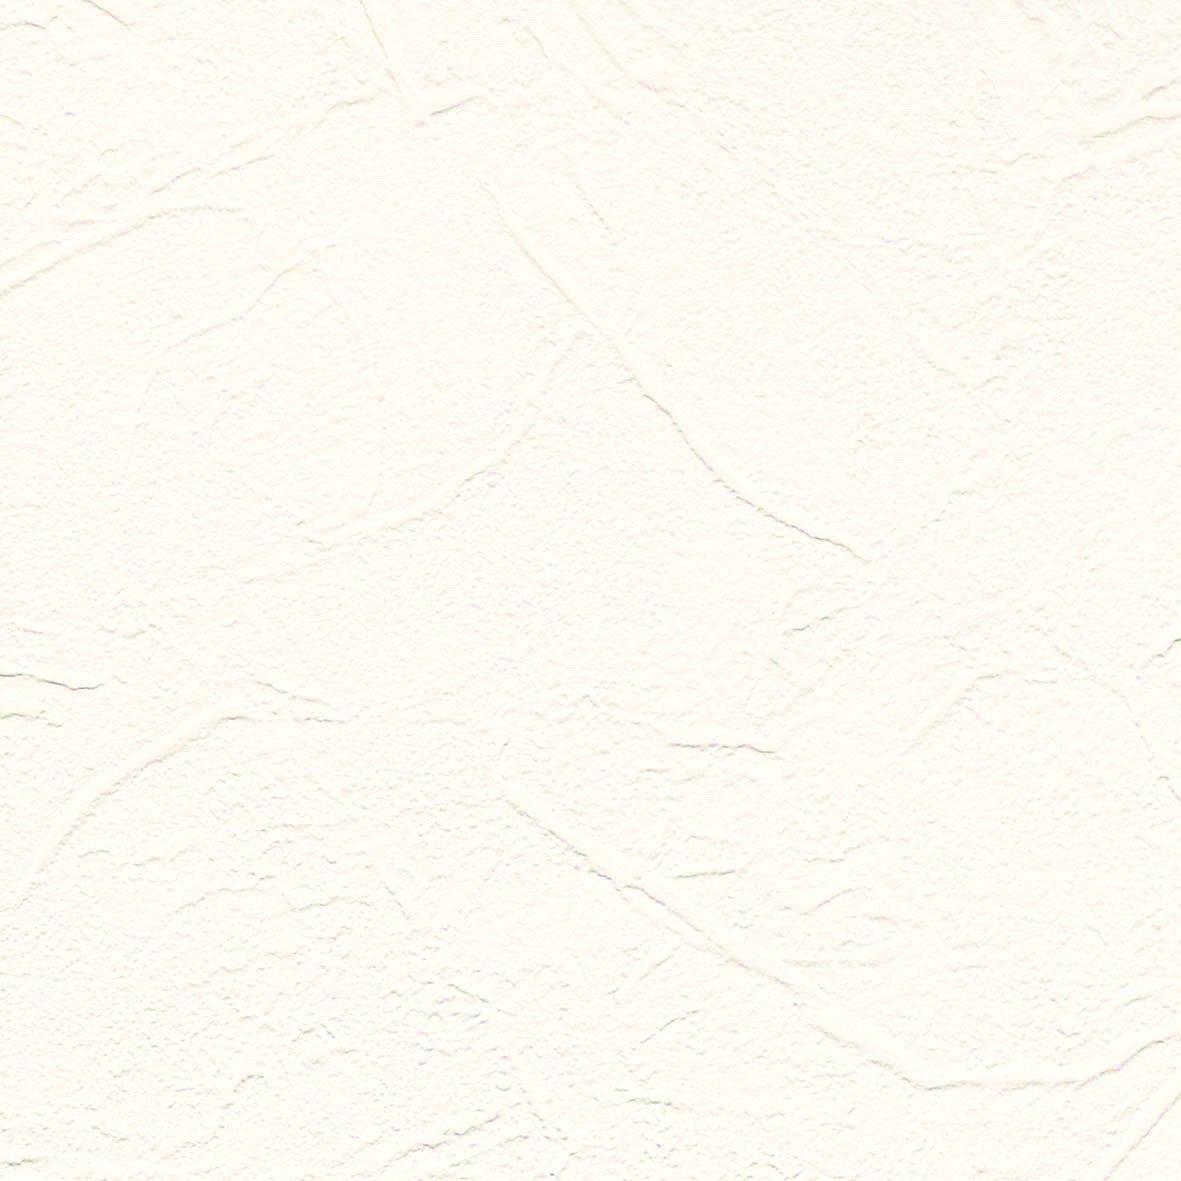 リリカラ 壁紙31m シンフル 石目調 ホワイト LL-8200 B01N3WIBGN 31m|ホワイト